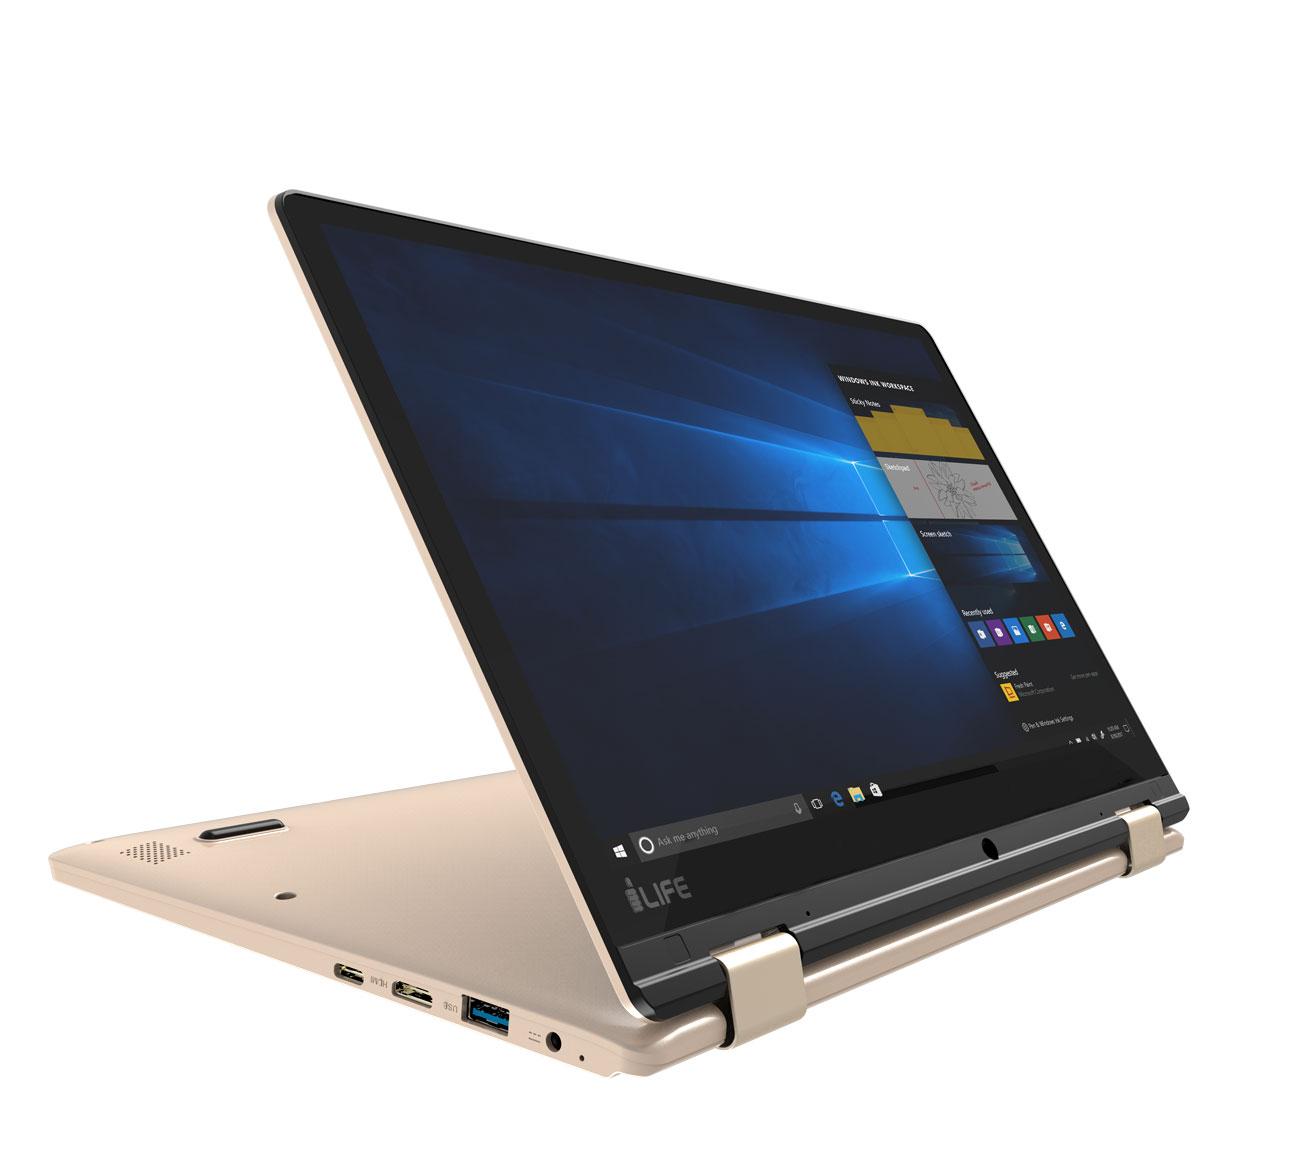 iLIFE ZEDNOTE PRIME LAPTOP-2GB 32 GB CELERON SILVER 11.6 INCH